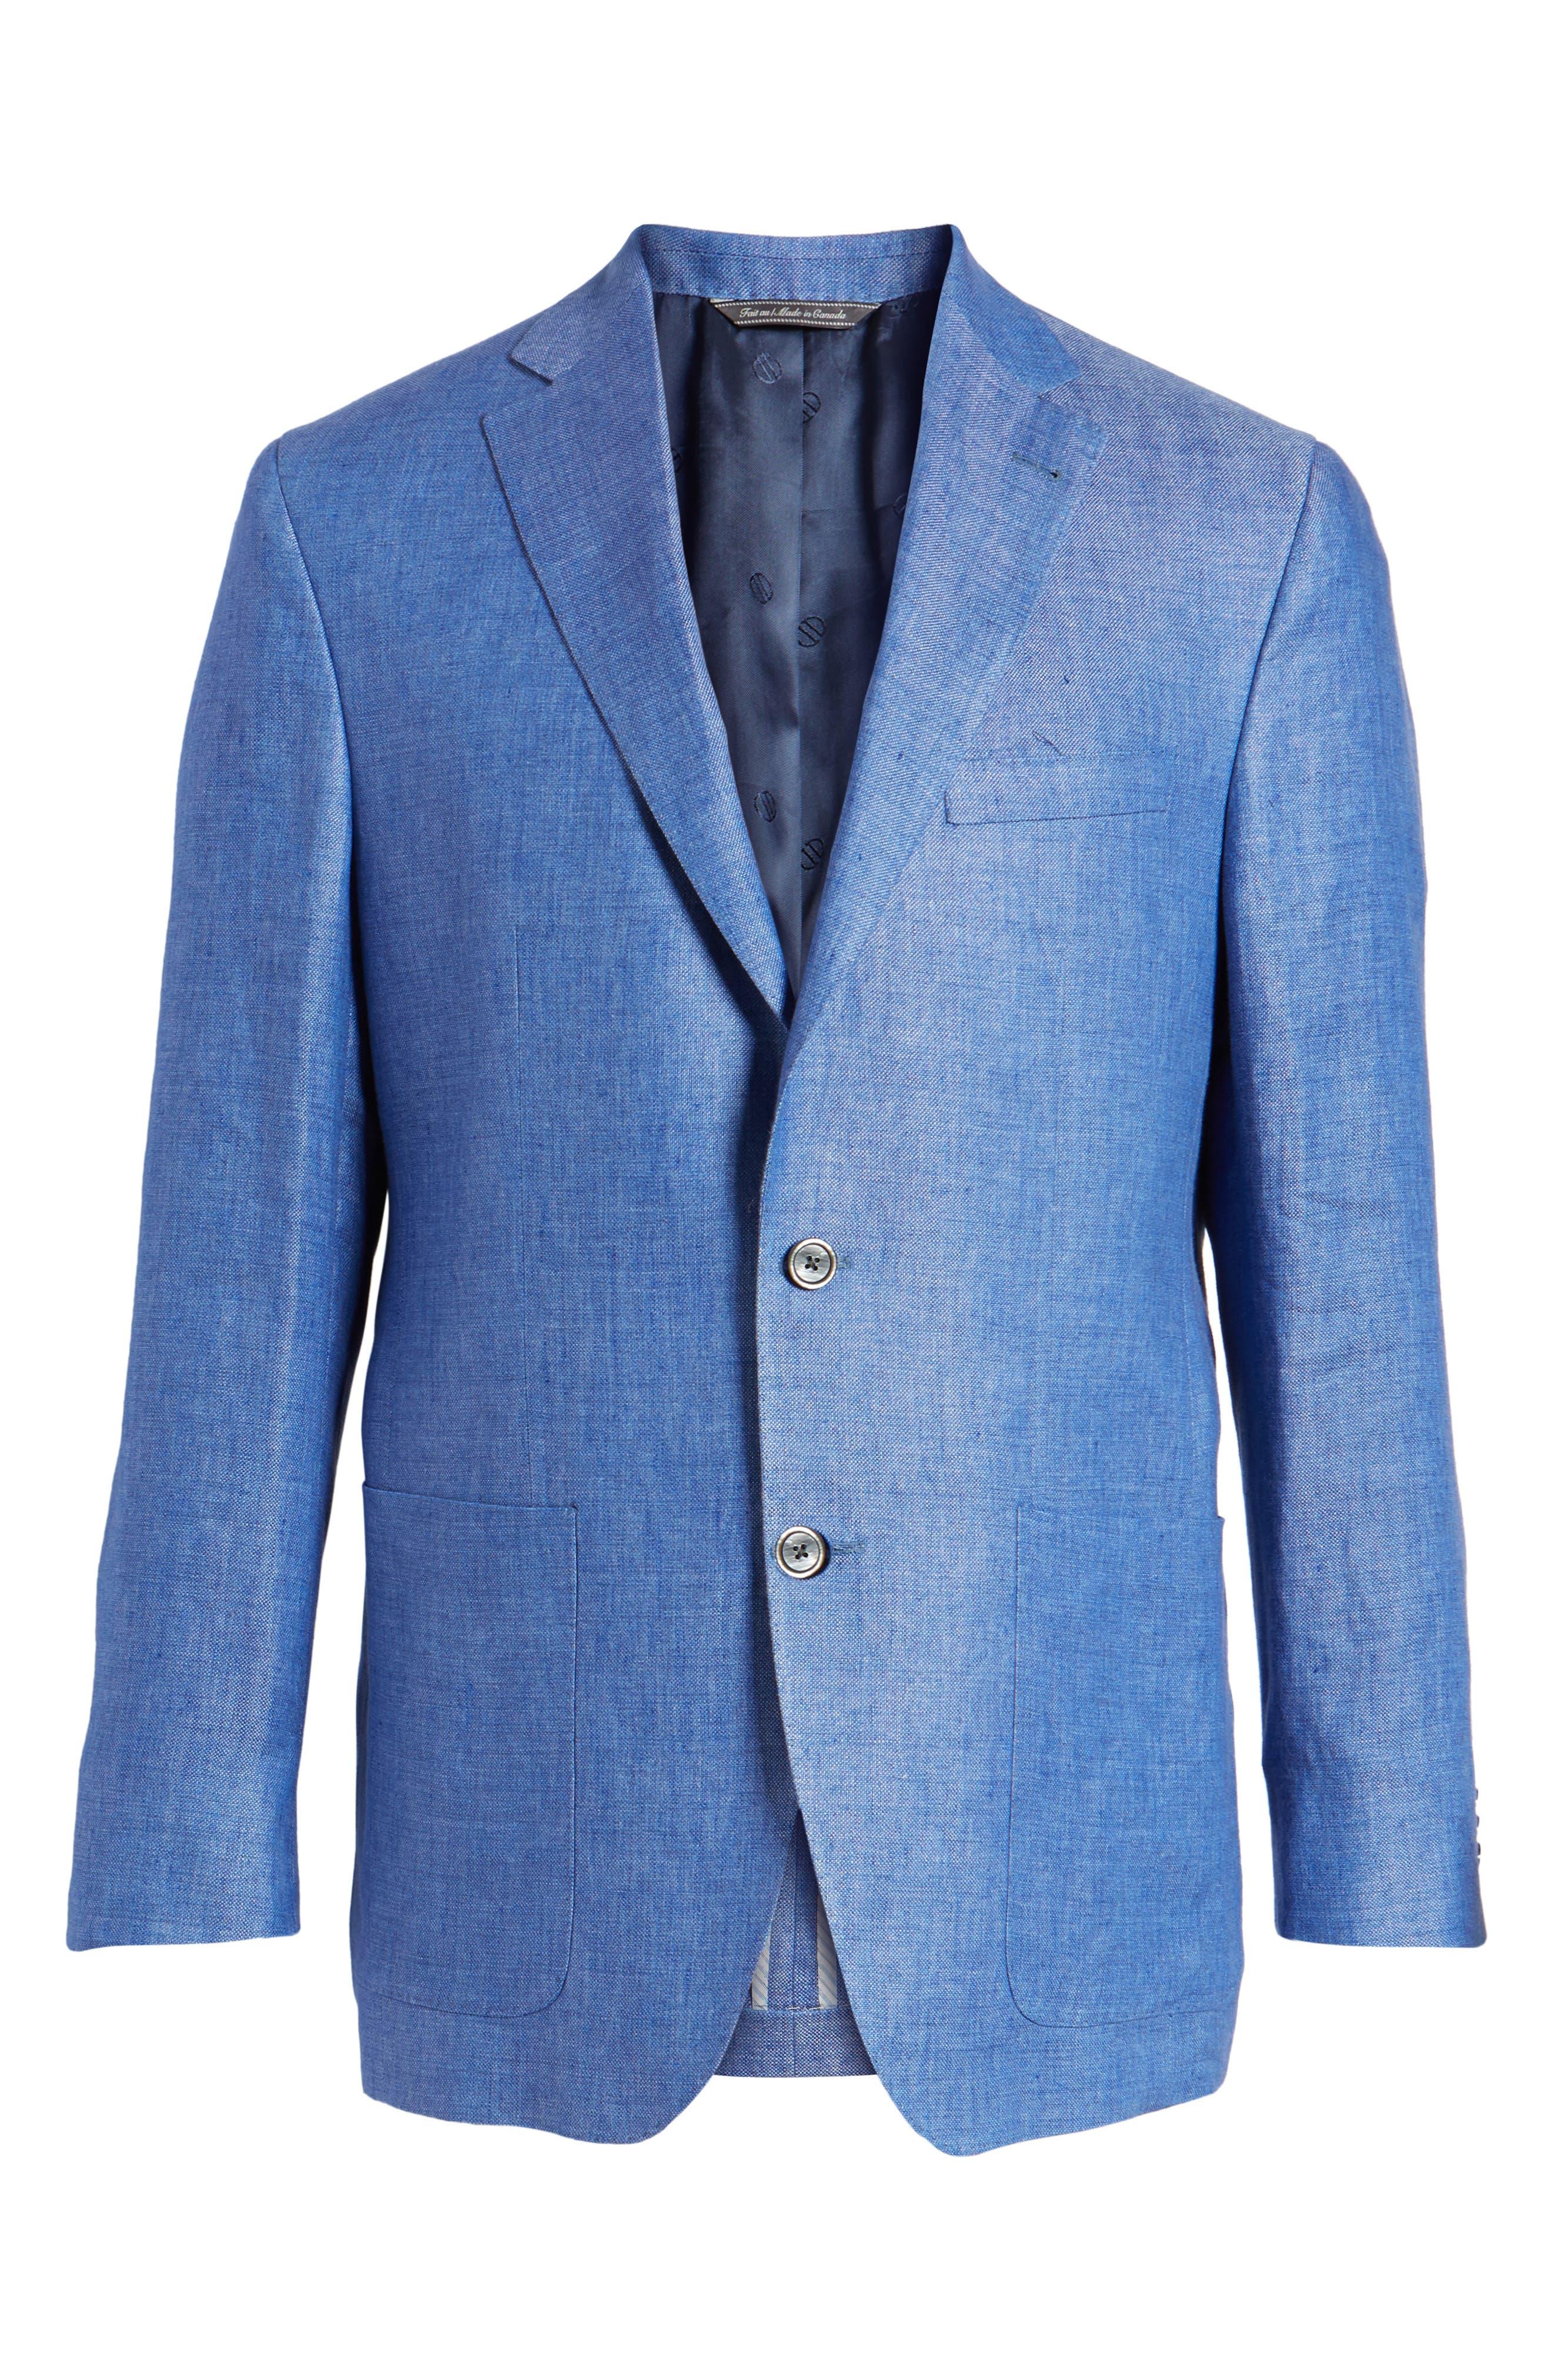 Aiden Classic Fit Linen Blazer,                             Alternate thumbnail 6, color,                             Blue